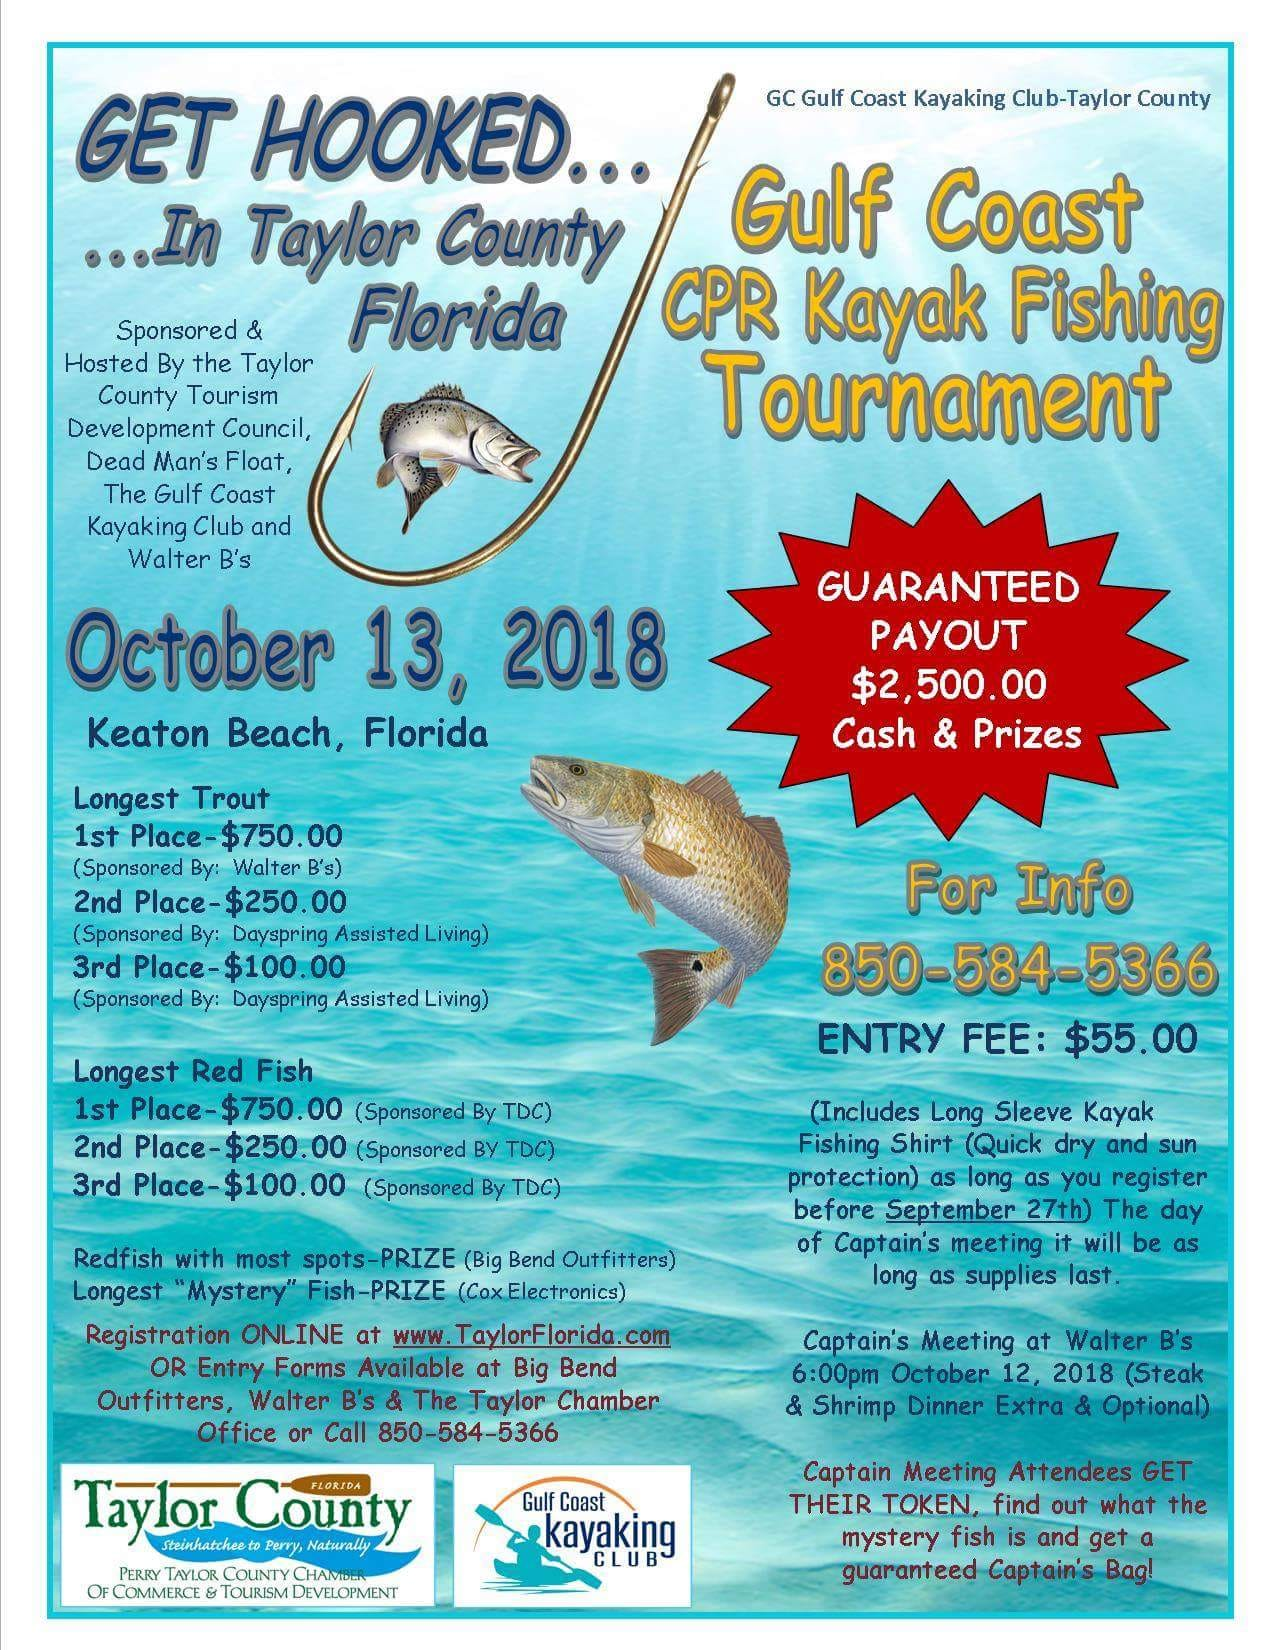 Gulf Coast Kayak Fishing Tournament